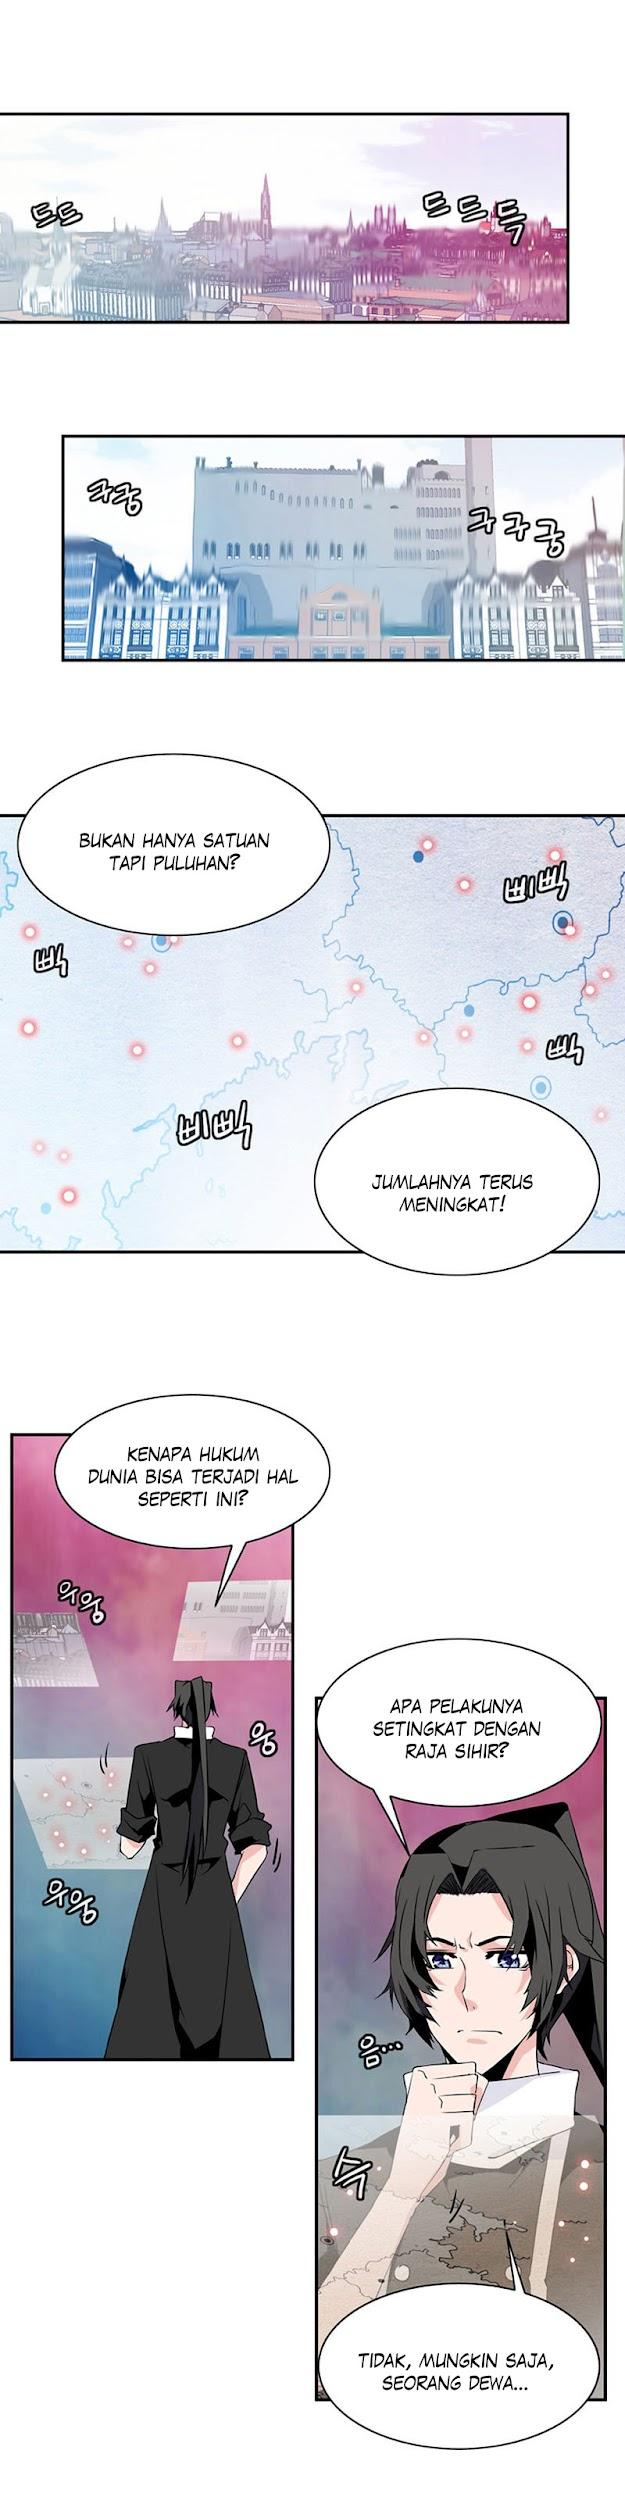 Dilarang COPAS - situs resmi www.mangacanblog.com - Komik wizardly tower 043 - chapter 43 44 Indonesia wizardly tower 043 - chapter 43 Terbaru 1 Baca Manga Komik Indonesia Mangacan